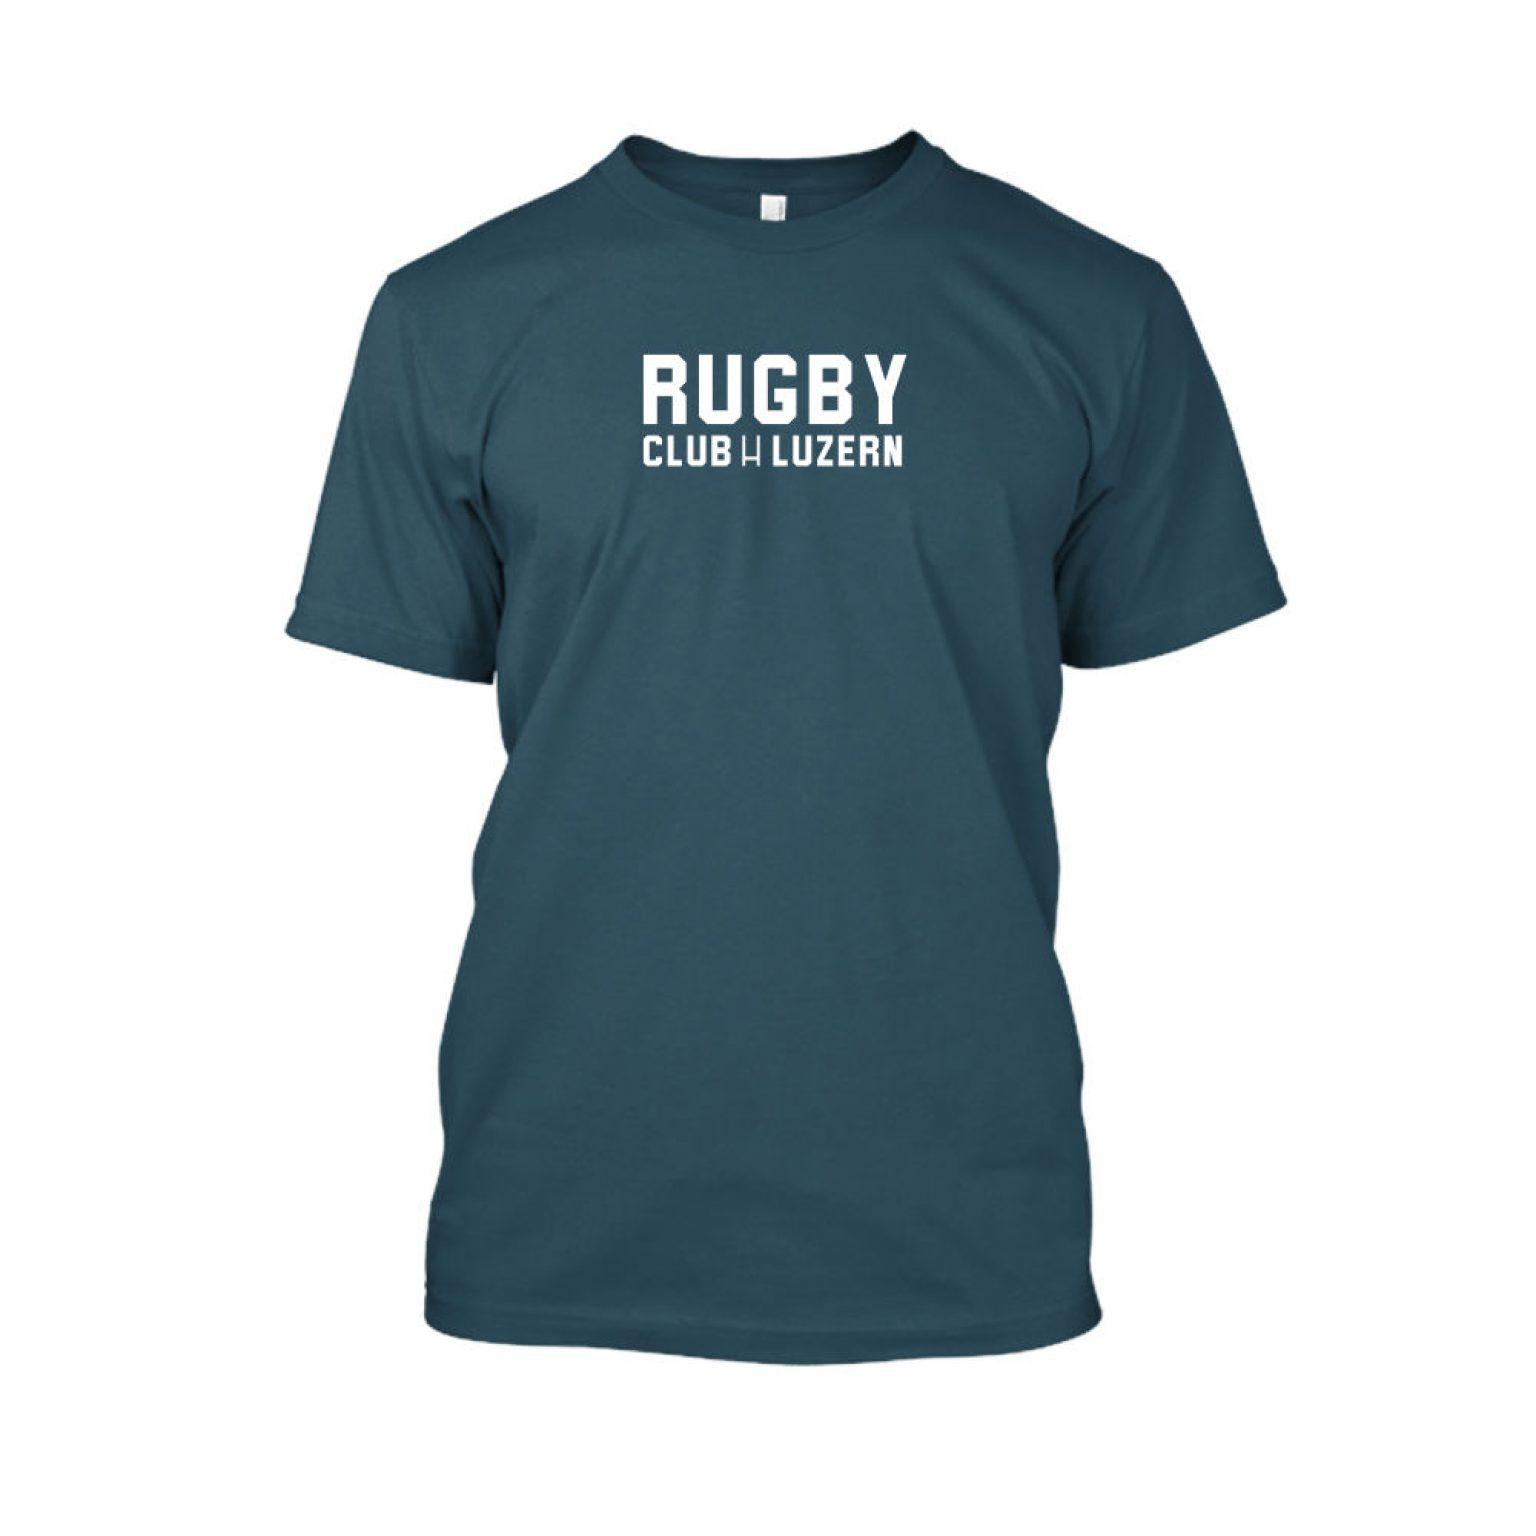 rugbyH shirts herren navy